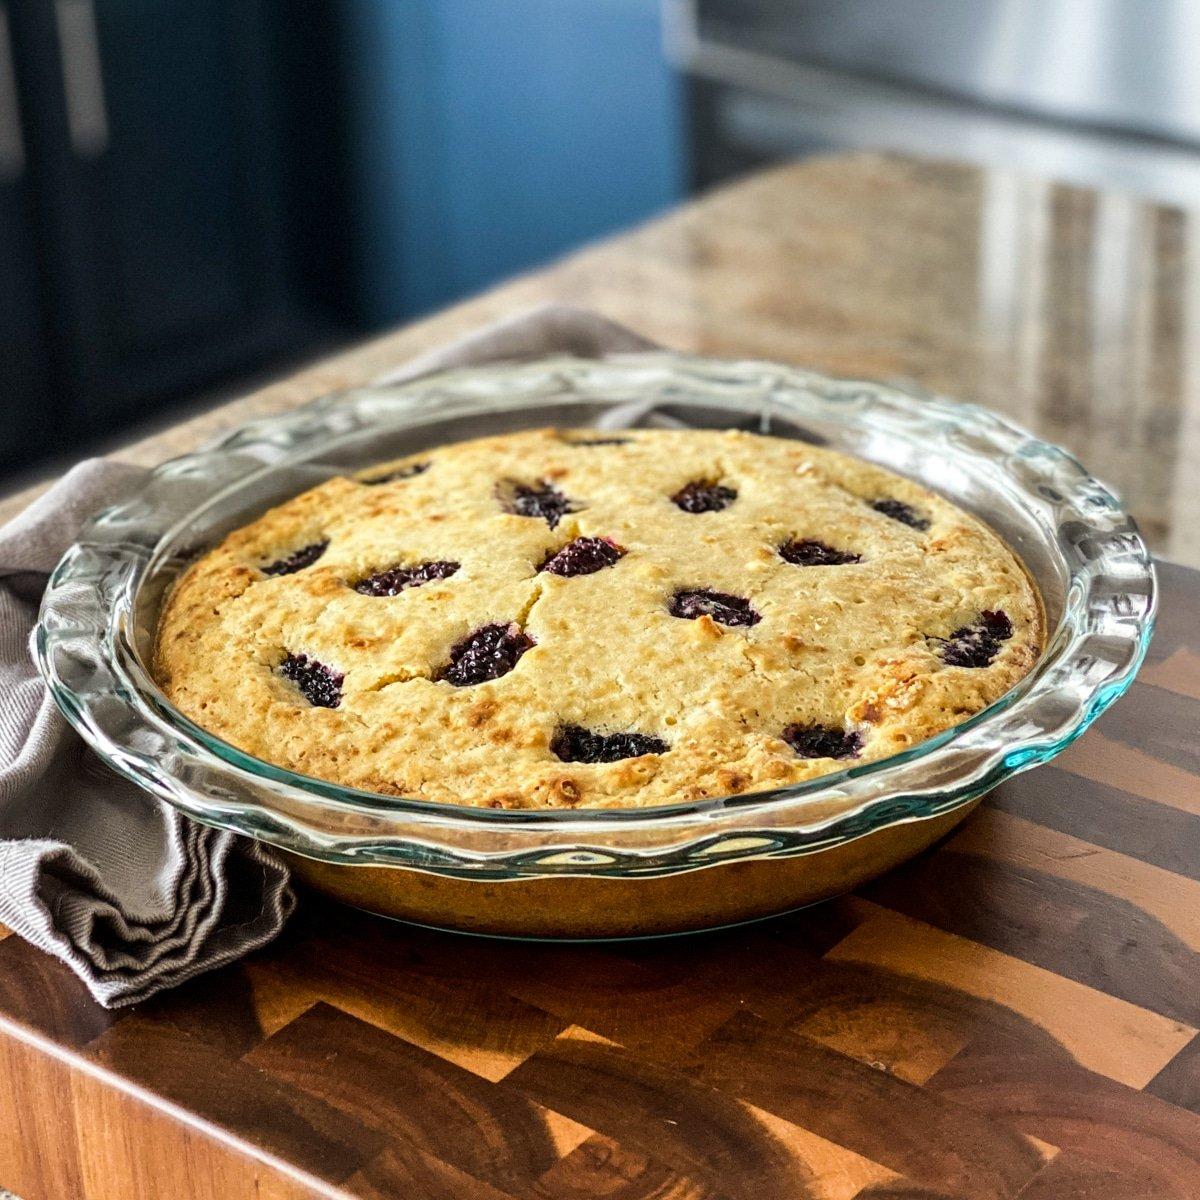 Italian lemon olive oil cake with blackberries